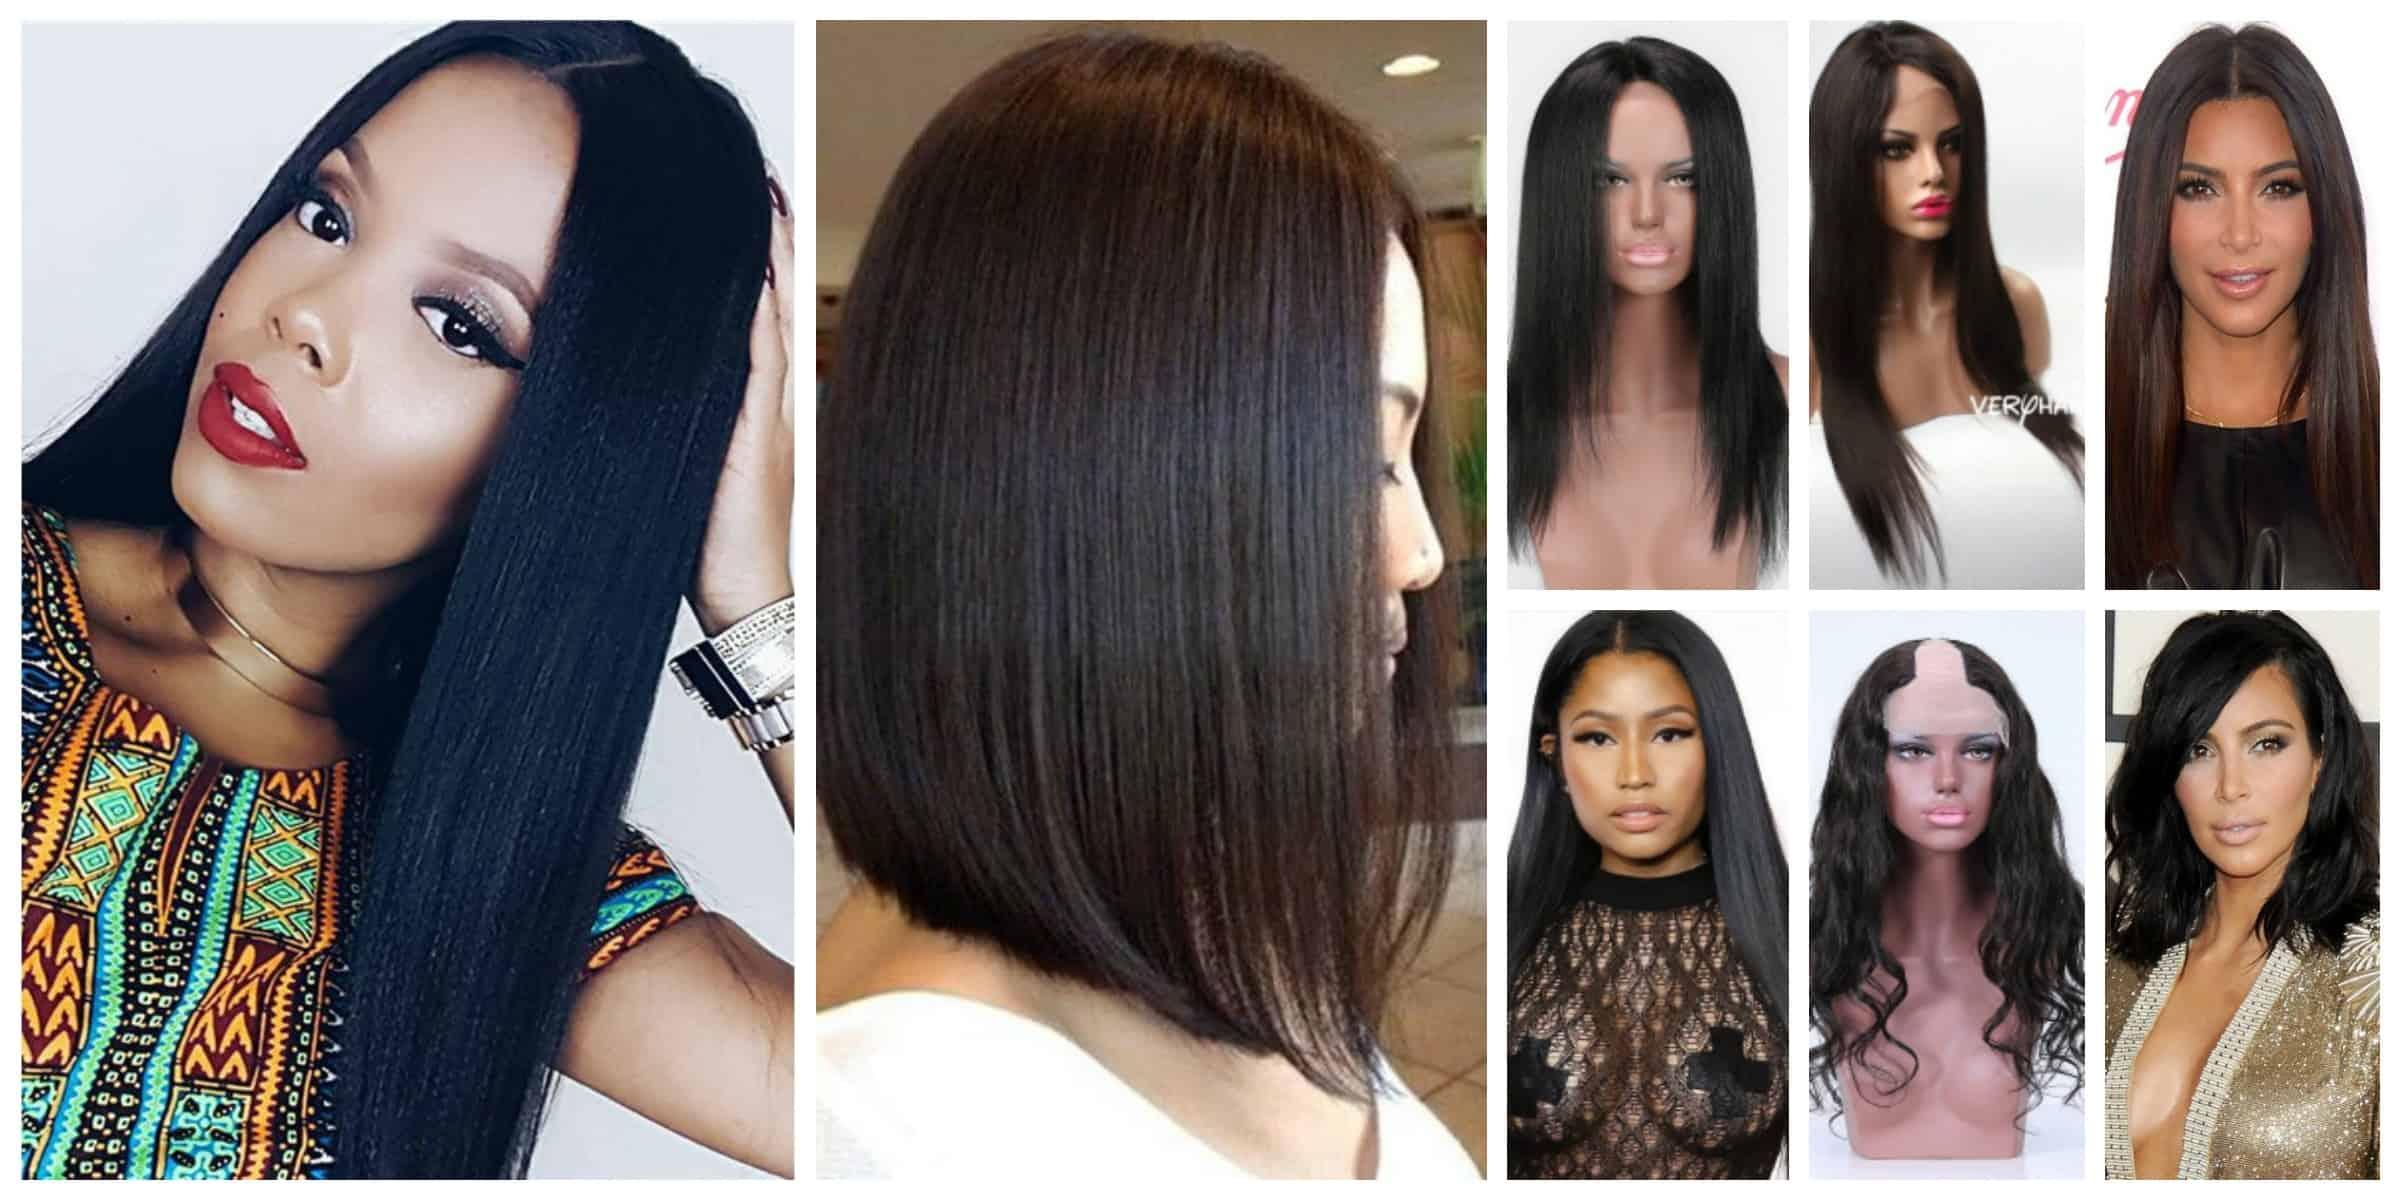 hair-wigs-veryhair